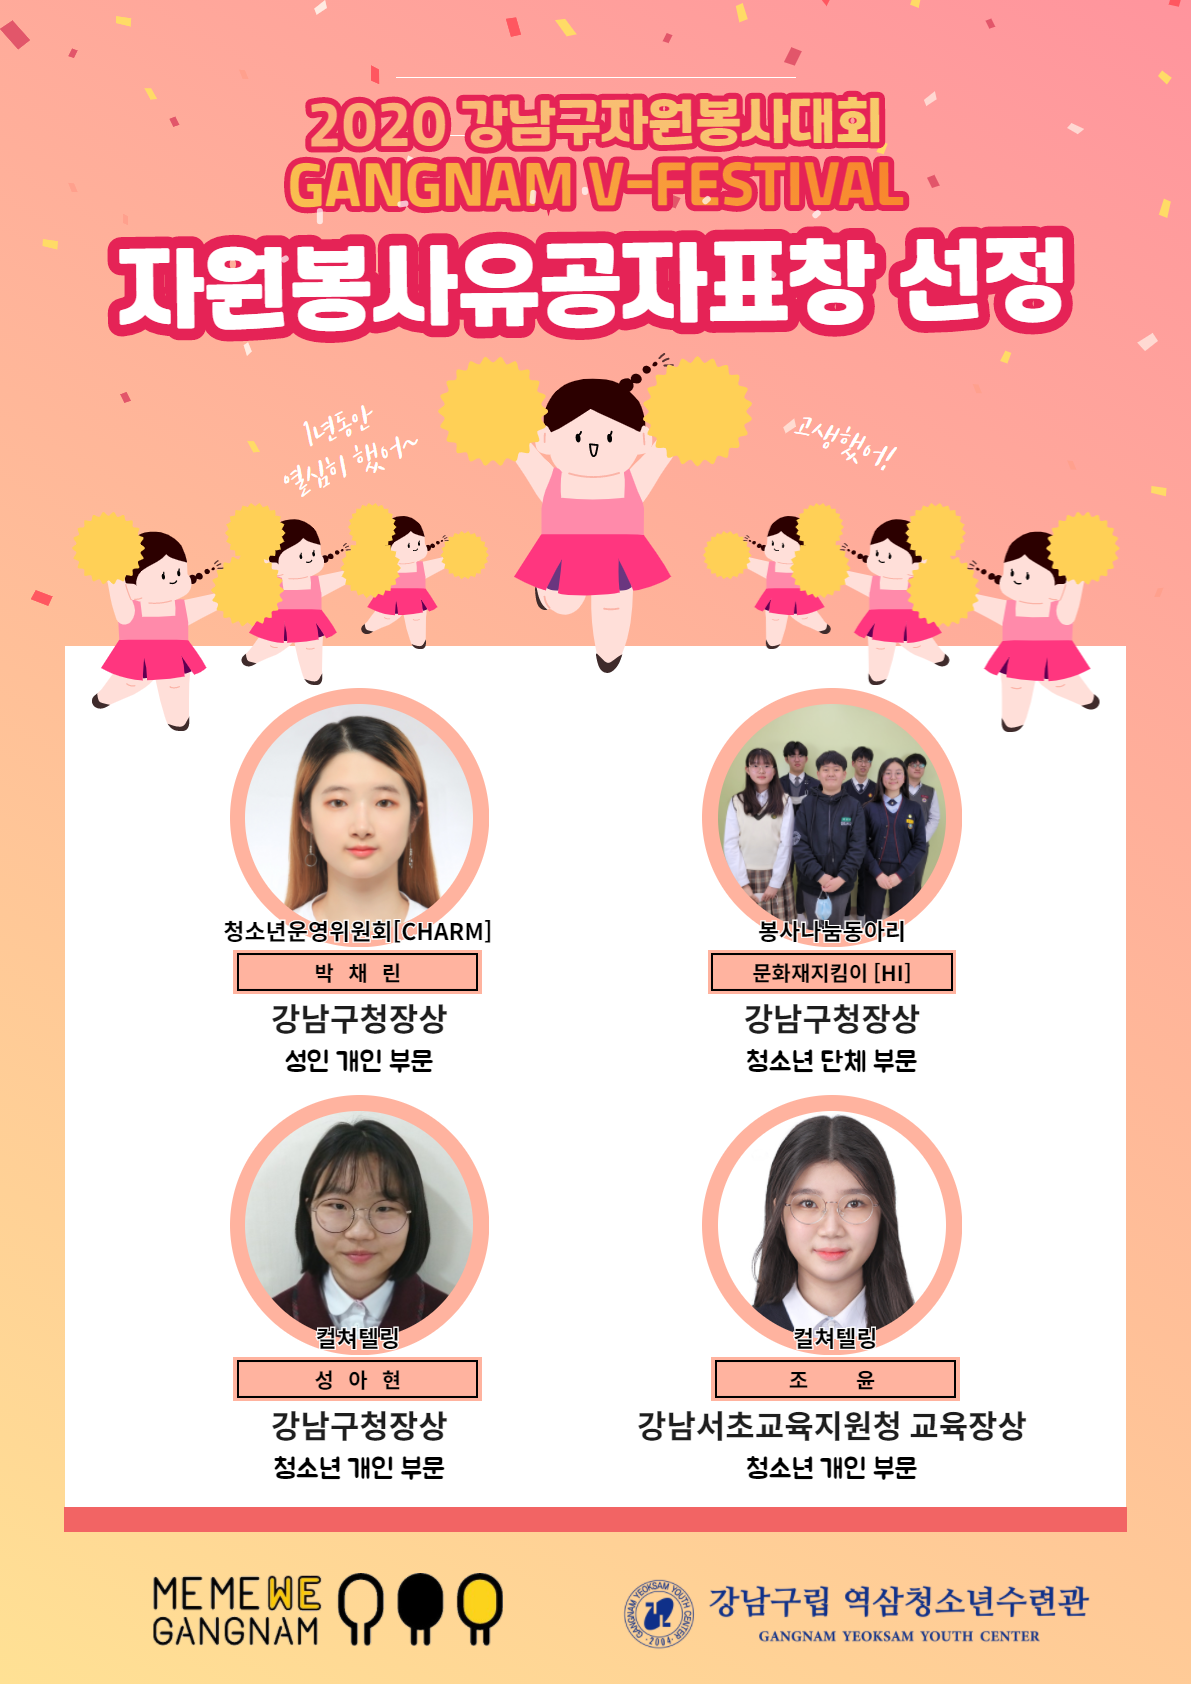 2020년 강남구자원봉사대회 GANGNAM V-FESTIVAL 자원봉사유공자표창 선정